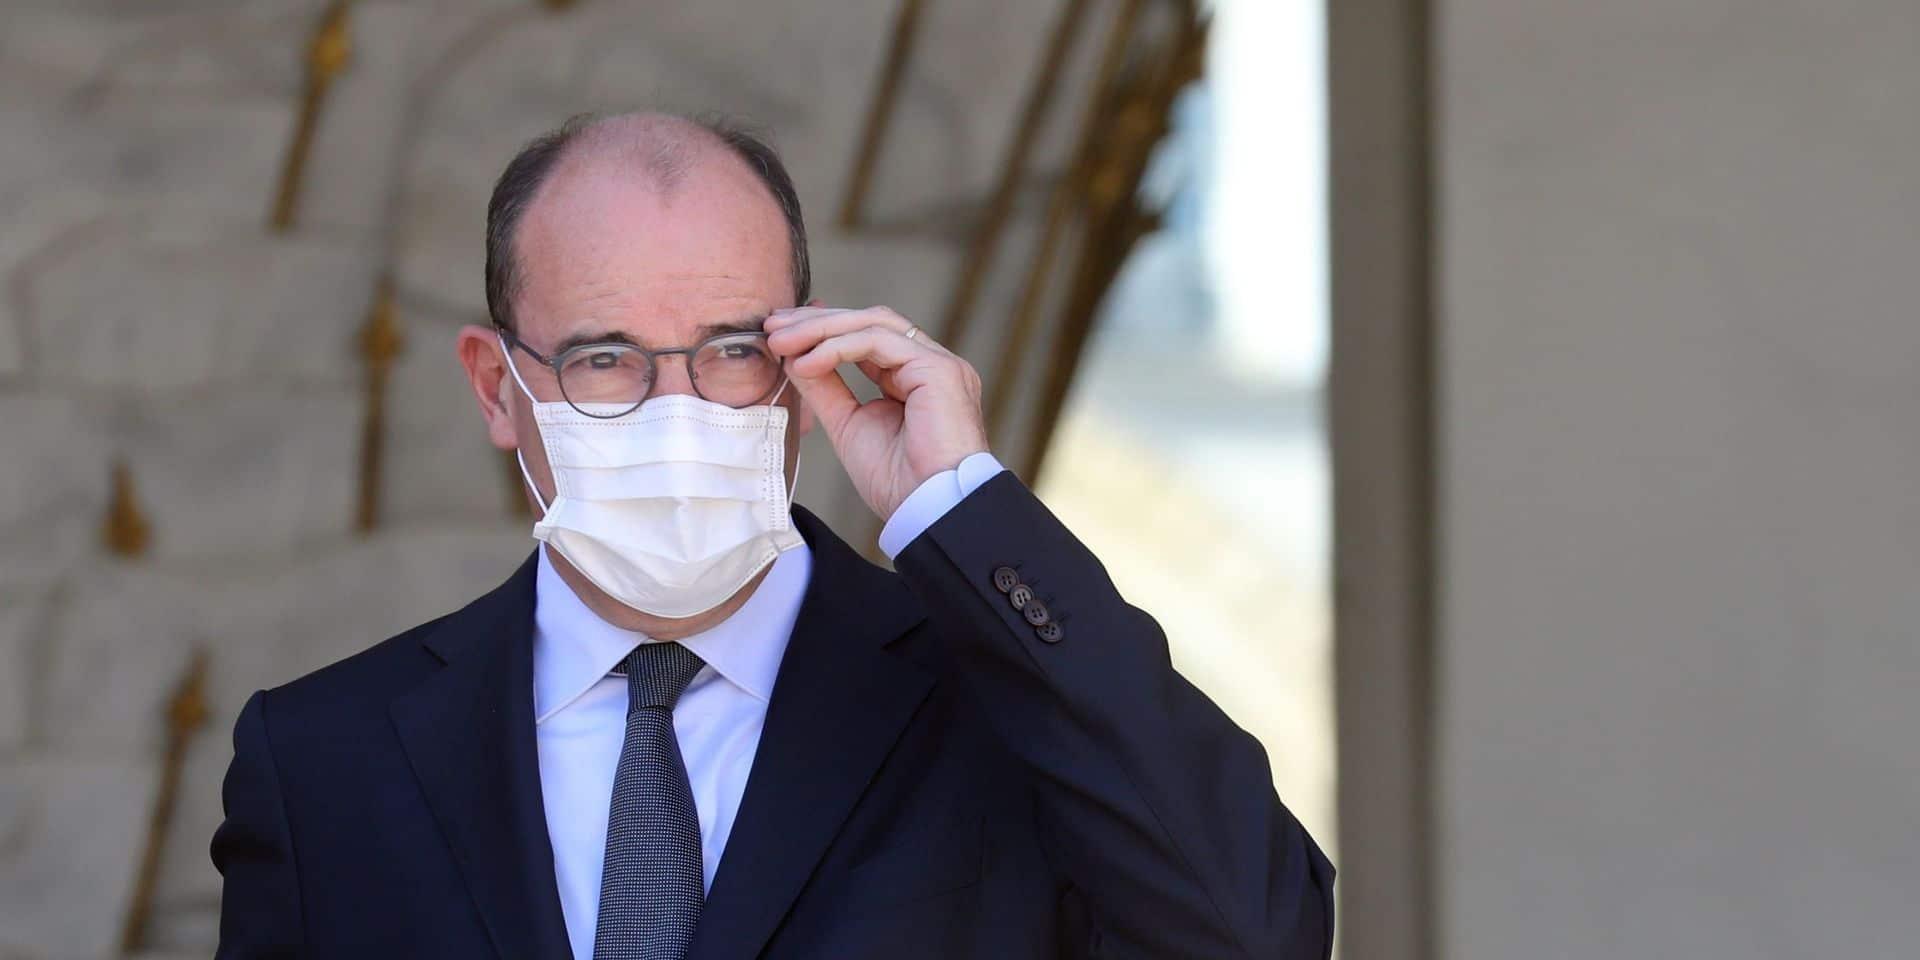 Extension du port du masque, interdiction des rassemblements prolongée: Jean Castex hausse le ton en France